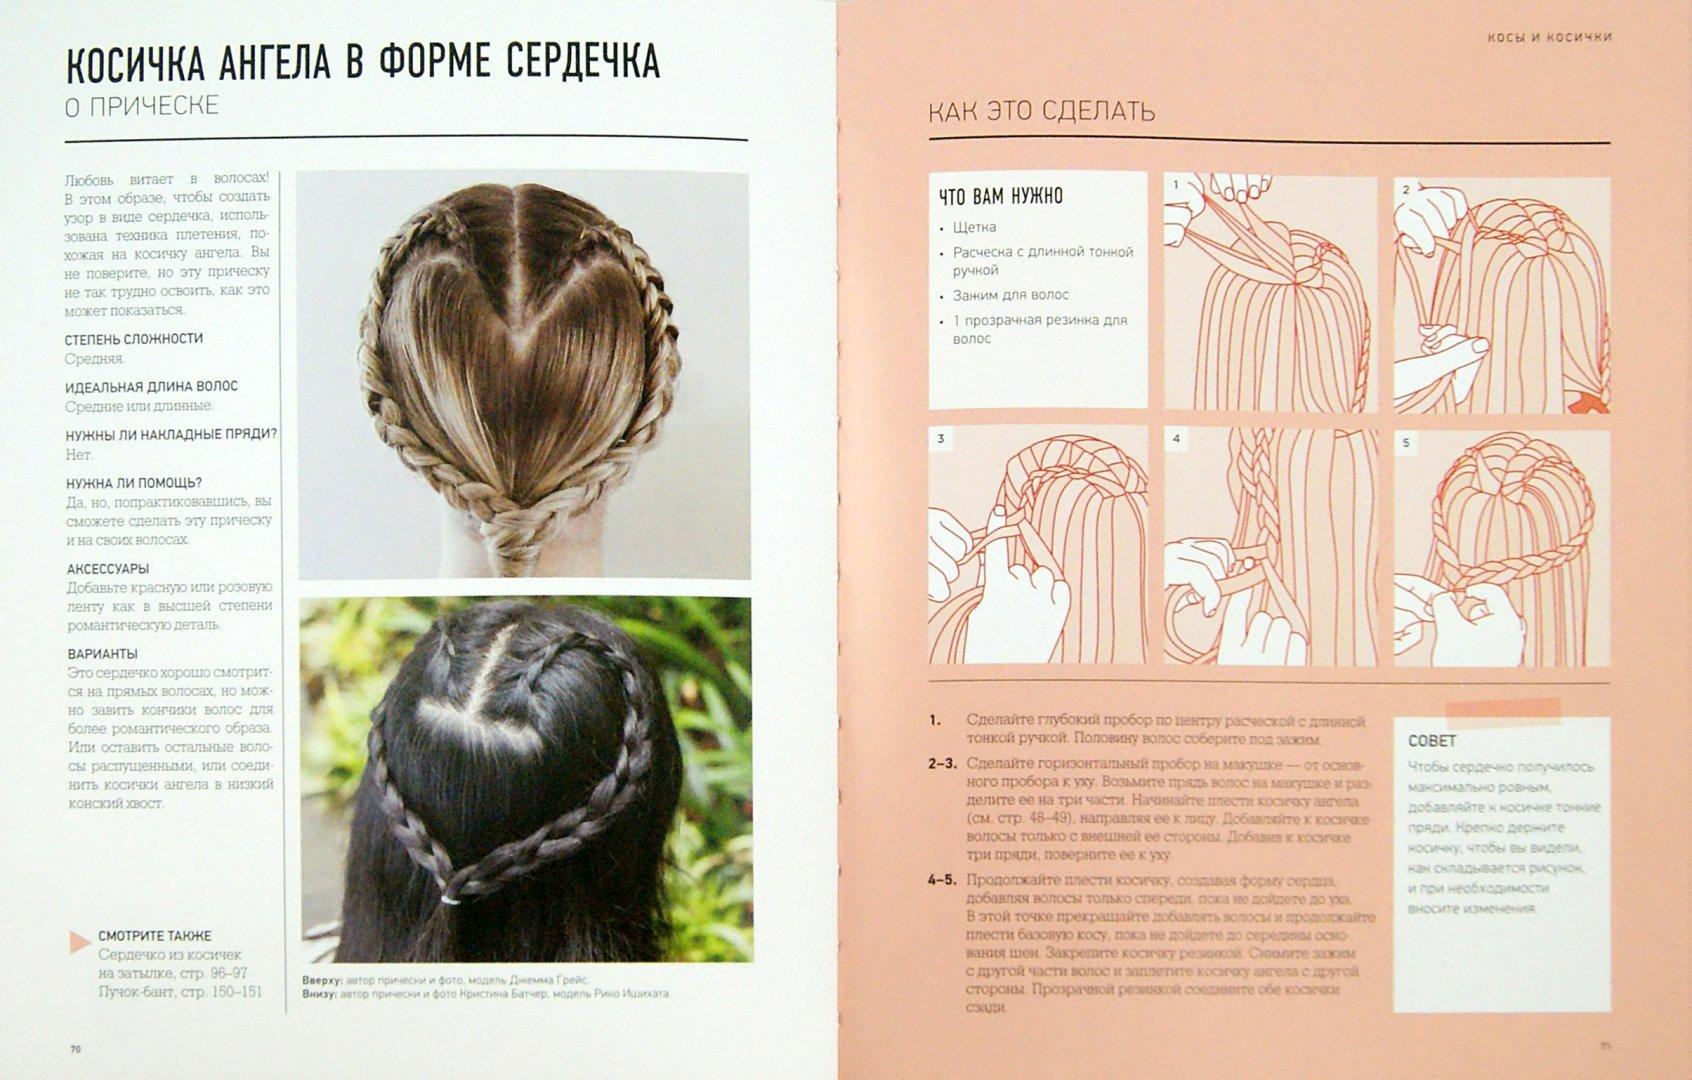 Иллюстрация 1 из 16 для Косы, пучки, хвосты. Подробное руководство по созданию потрясающе красивых причесок - Кристина Батчер   Лабиринт - книги. Источник: Лабиринт